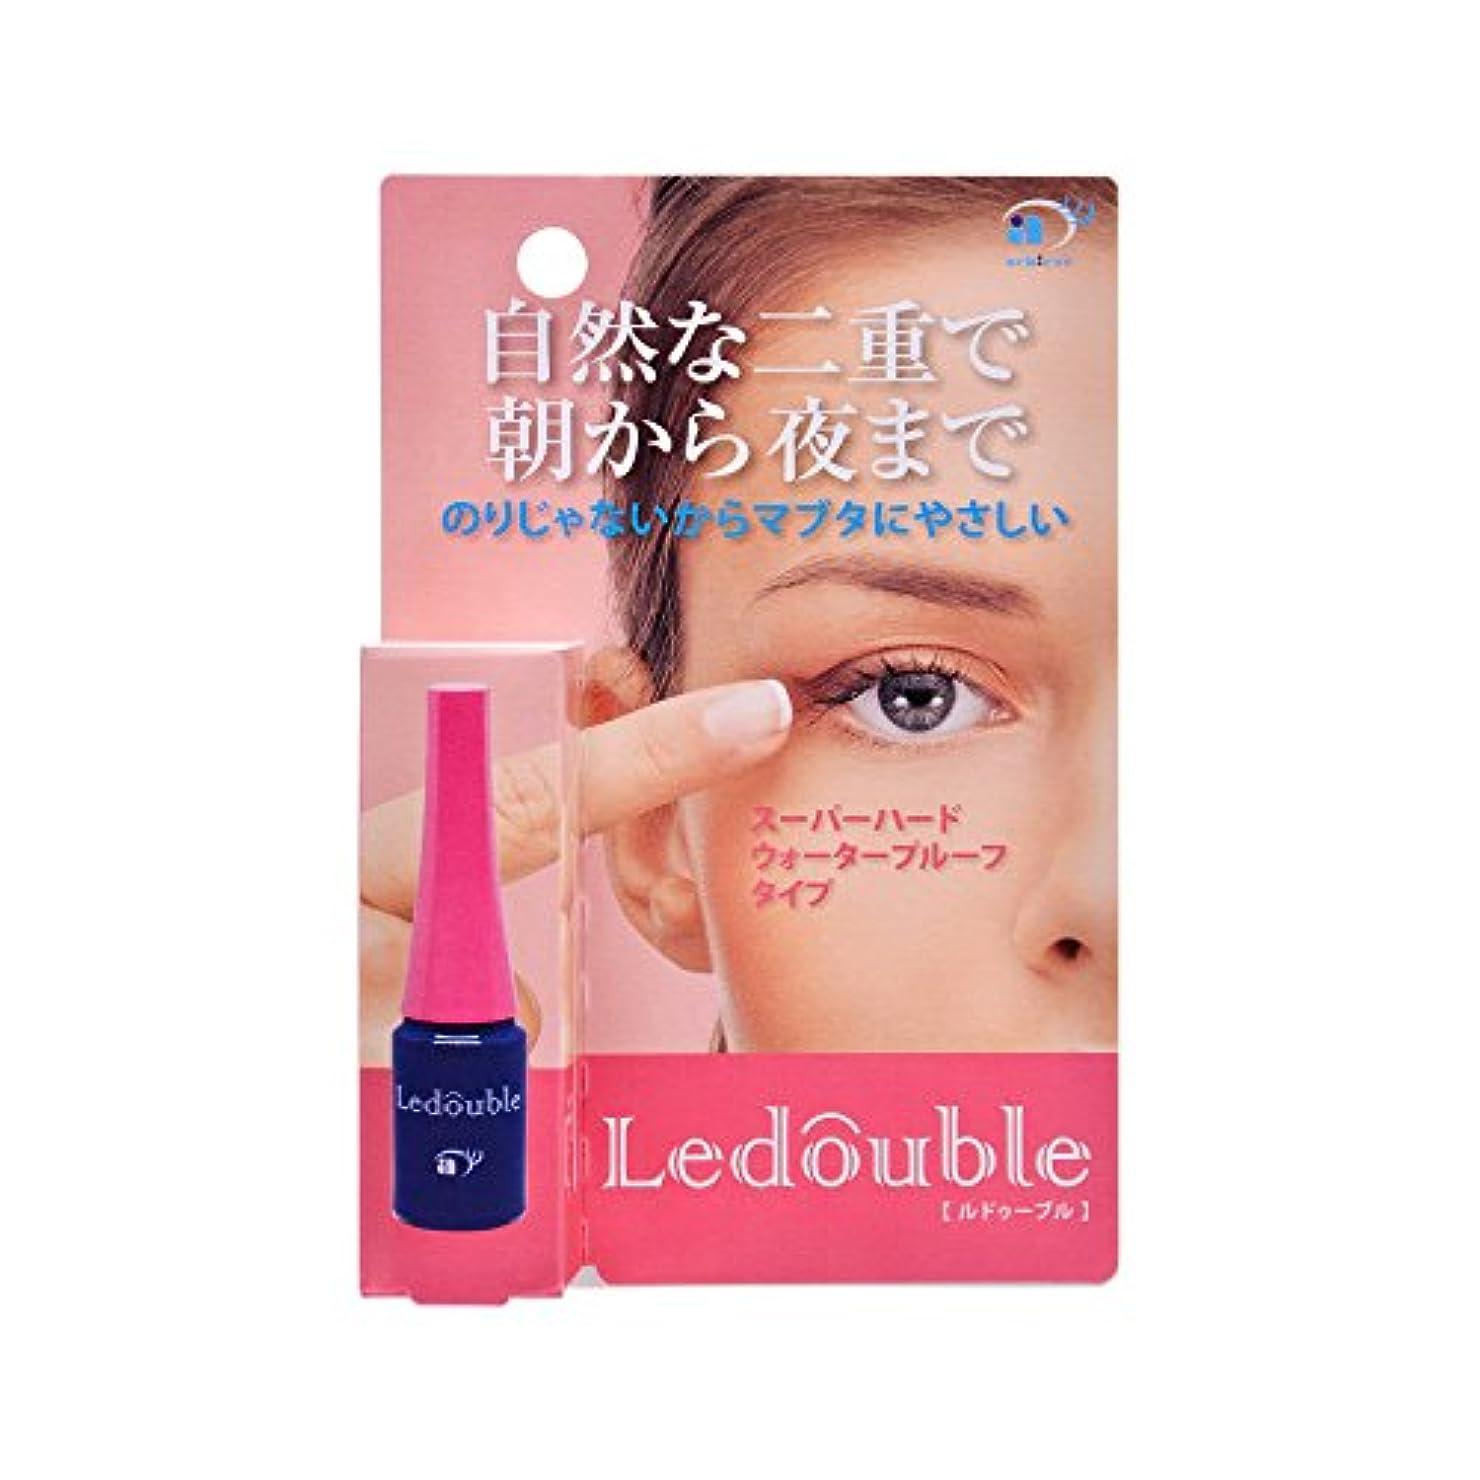 パレード酸度彼女Ledouble [ルドゥーブル] 二重まぶた化粧品 (2mL)